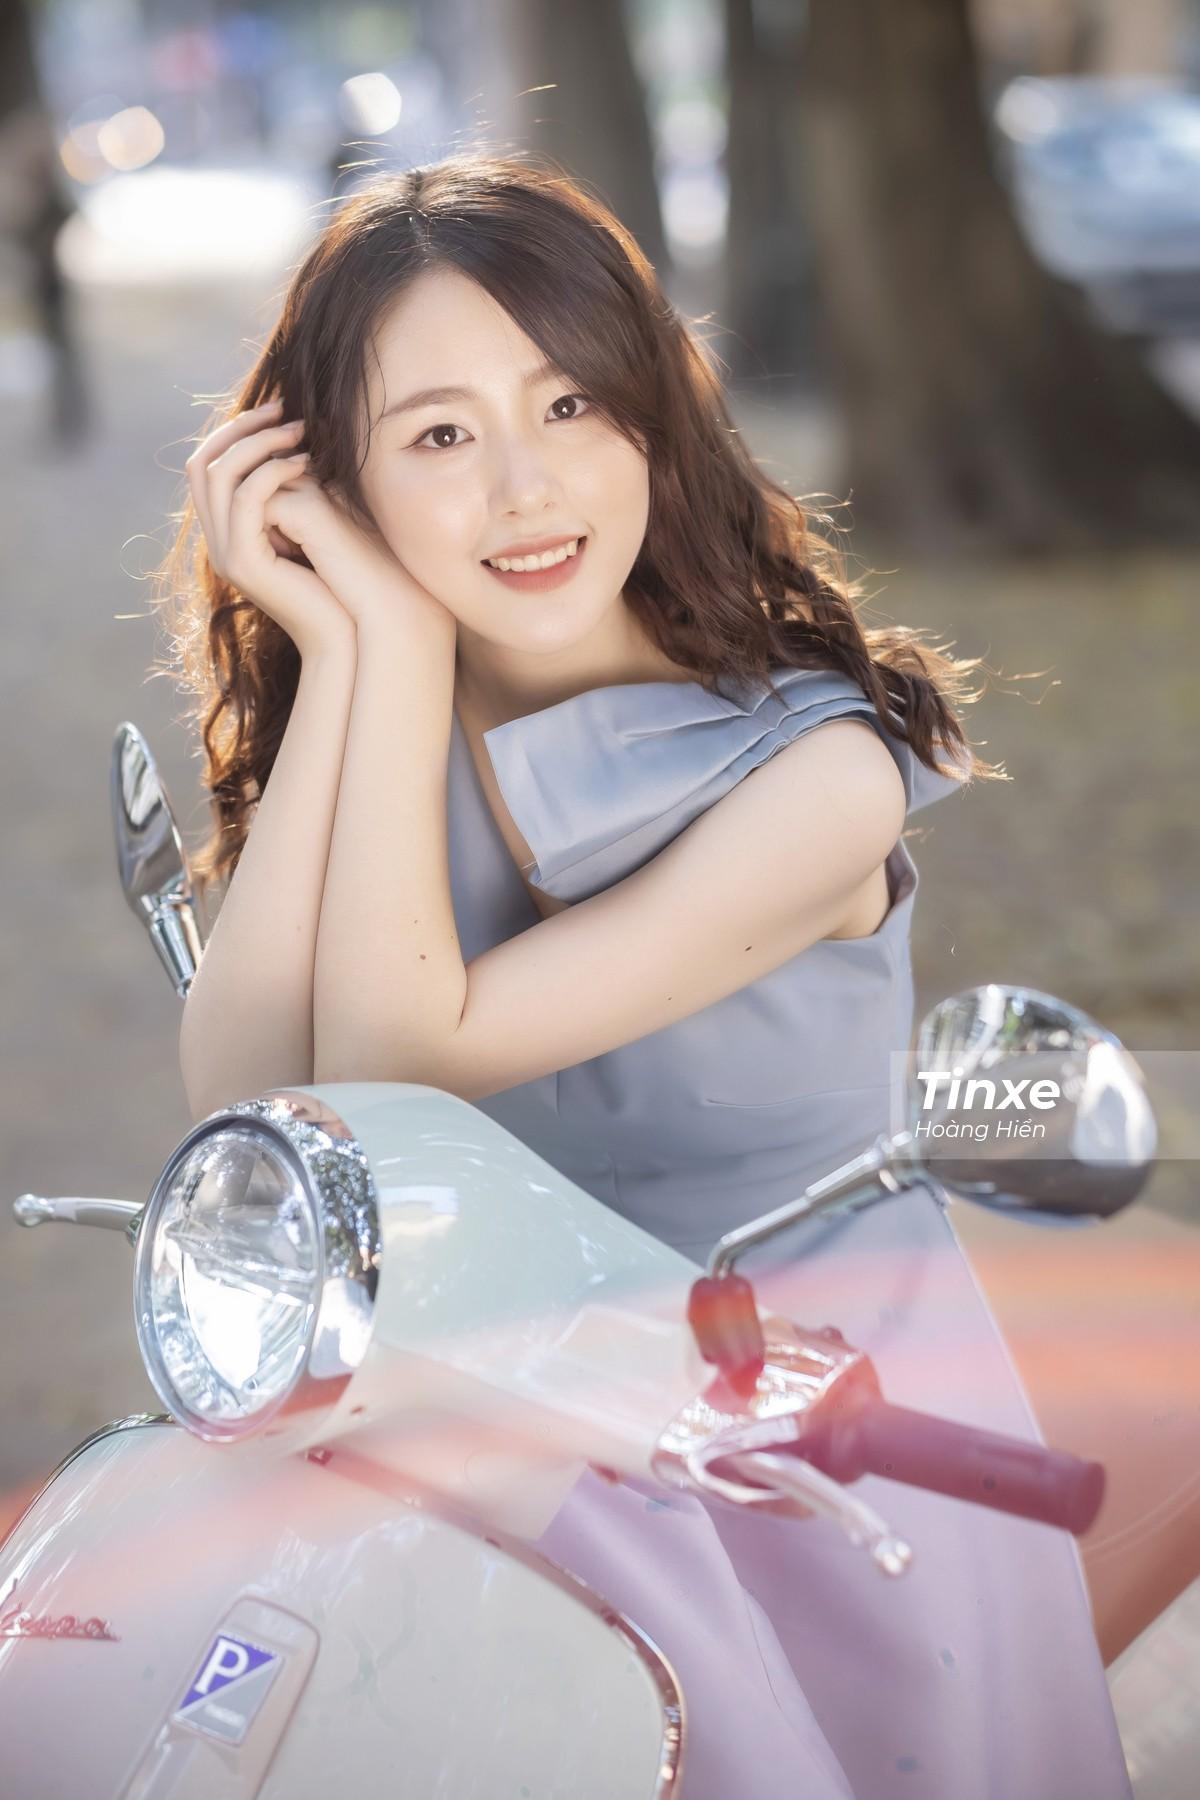 Thiếu nữ nhẹ nhàng, lãng mạn bên Vespa Primavera màu xanh bạc hà dịu mát - 7